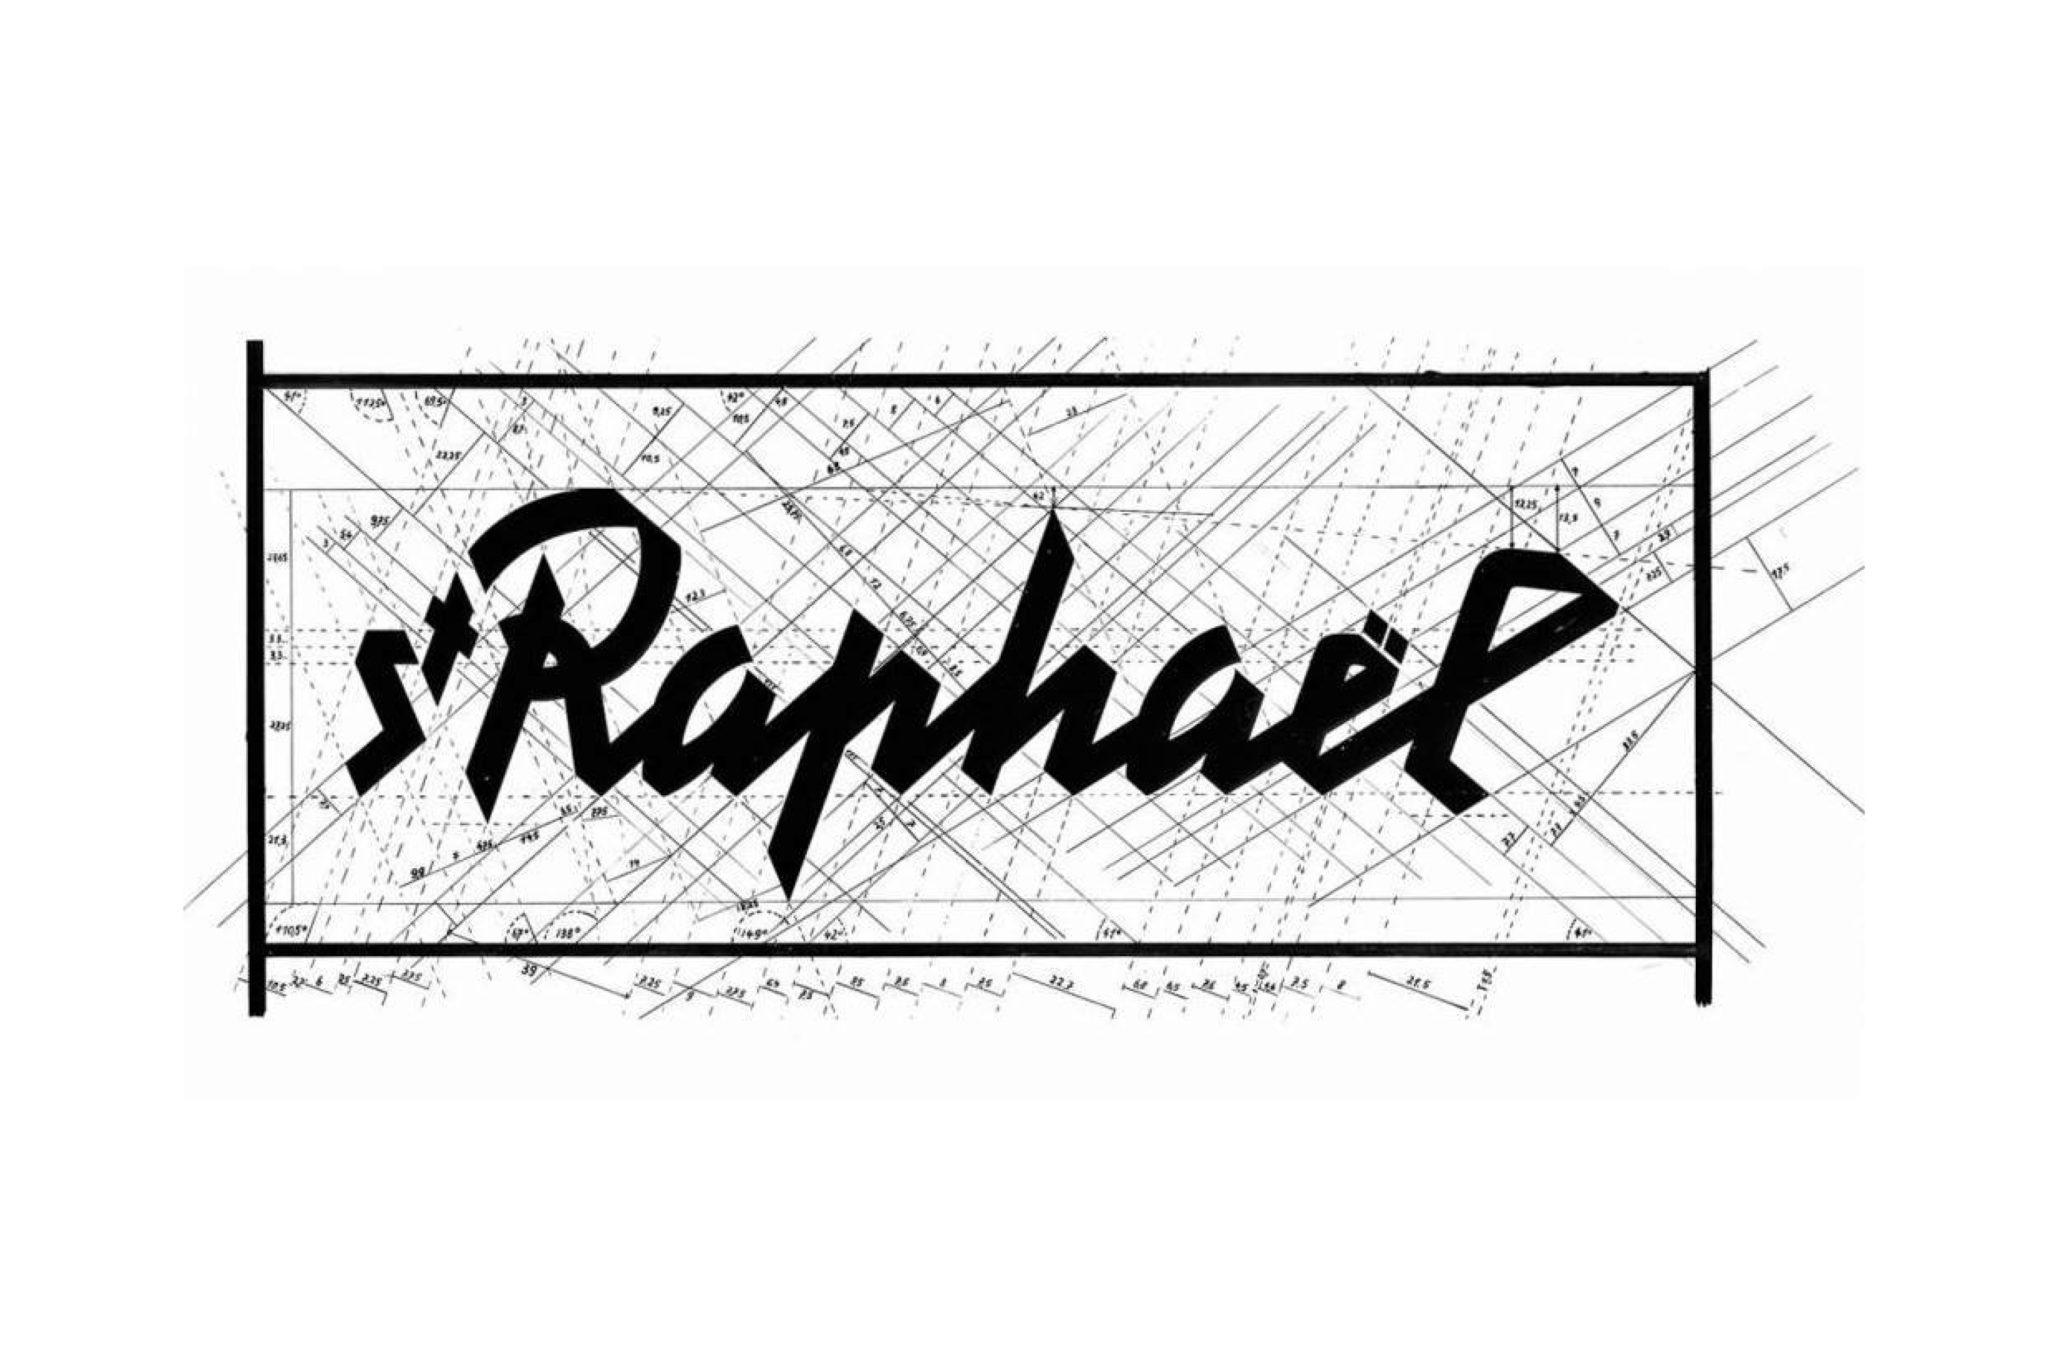 af-st-raphael-12